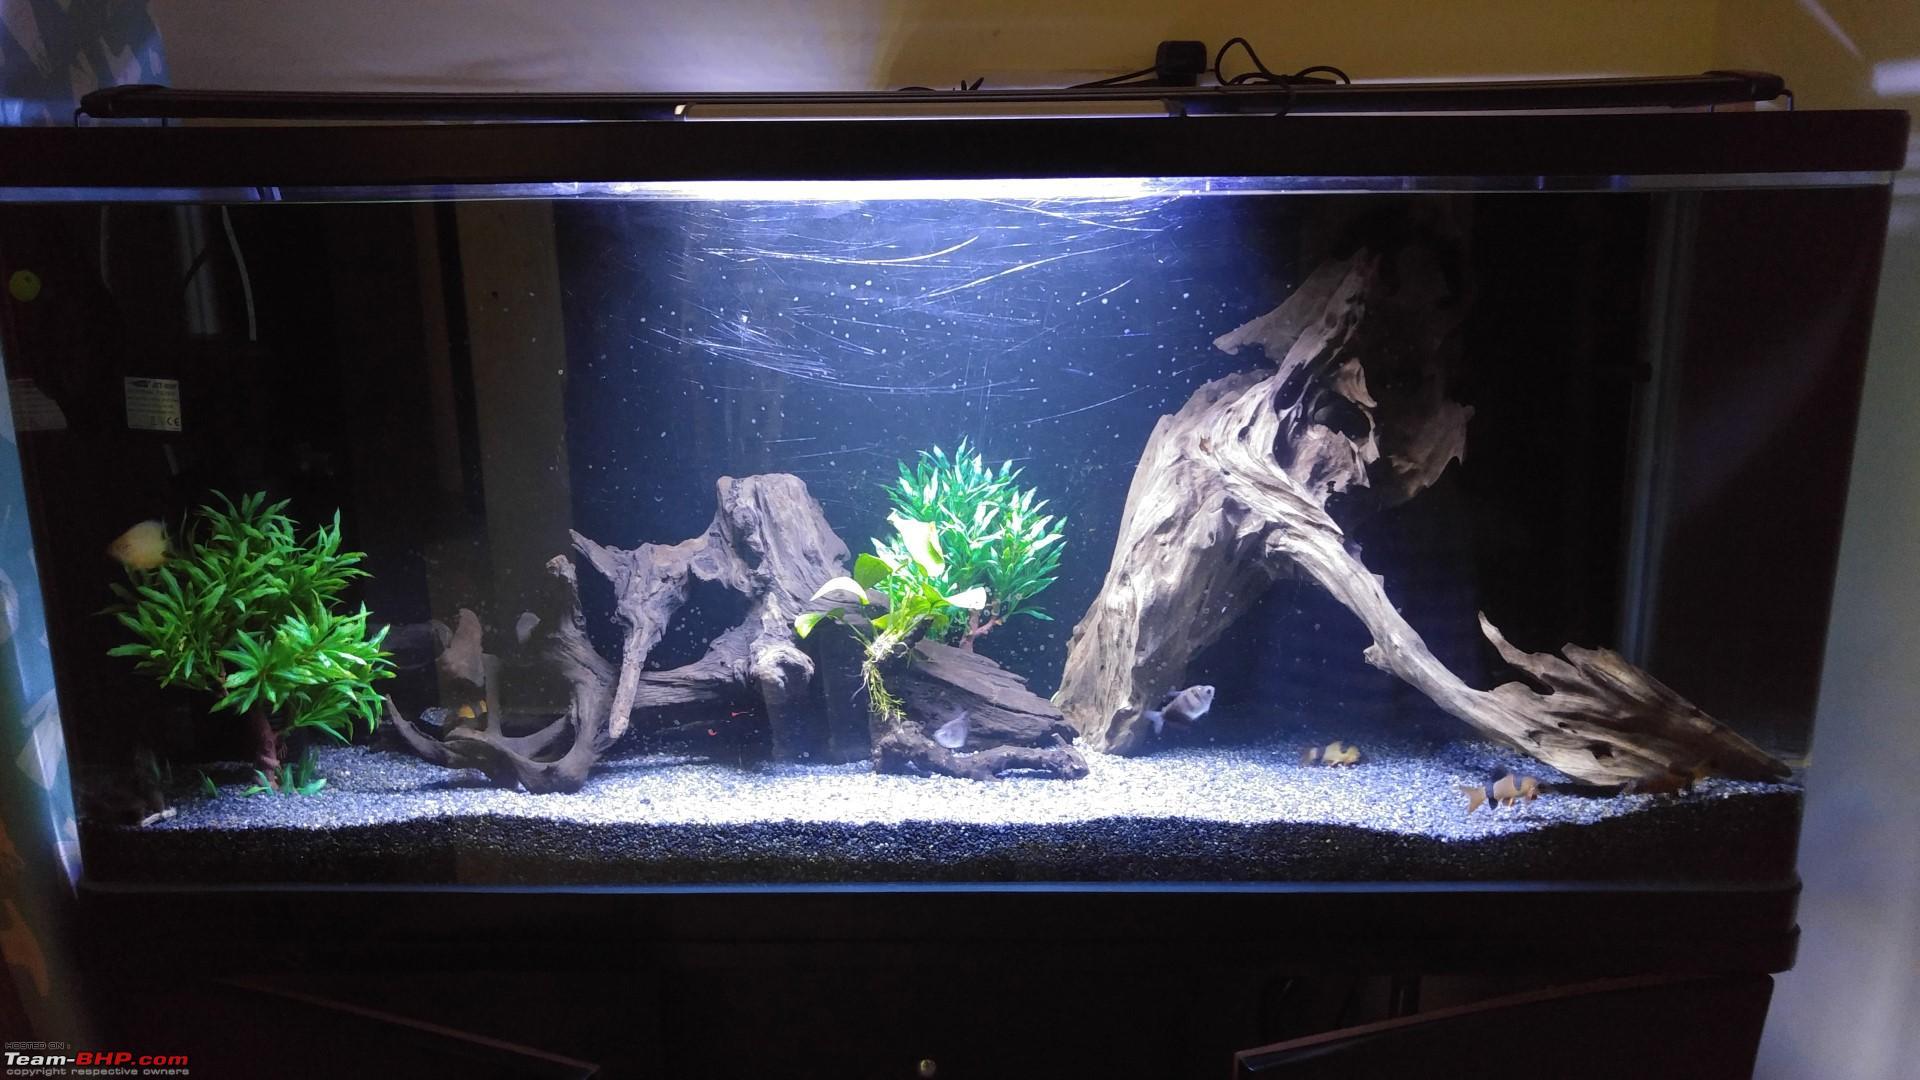 Aquarium fish tank price in bangalore - My Fishkeeping Hobby 20160104_202145 Jpg